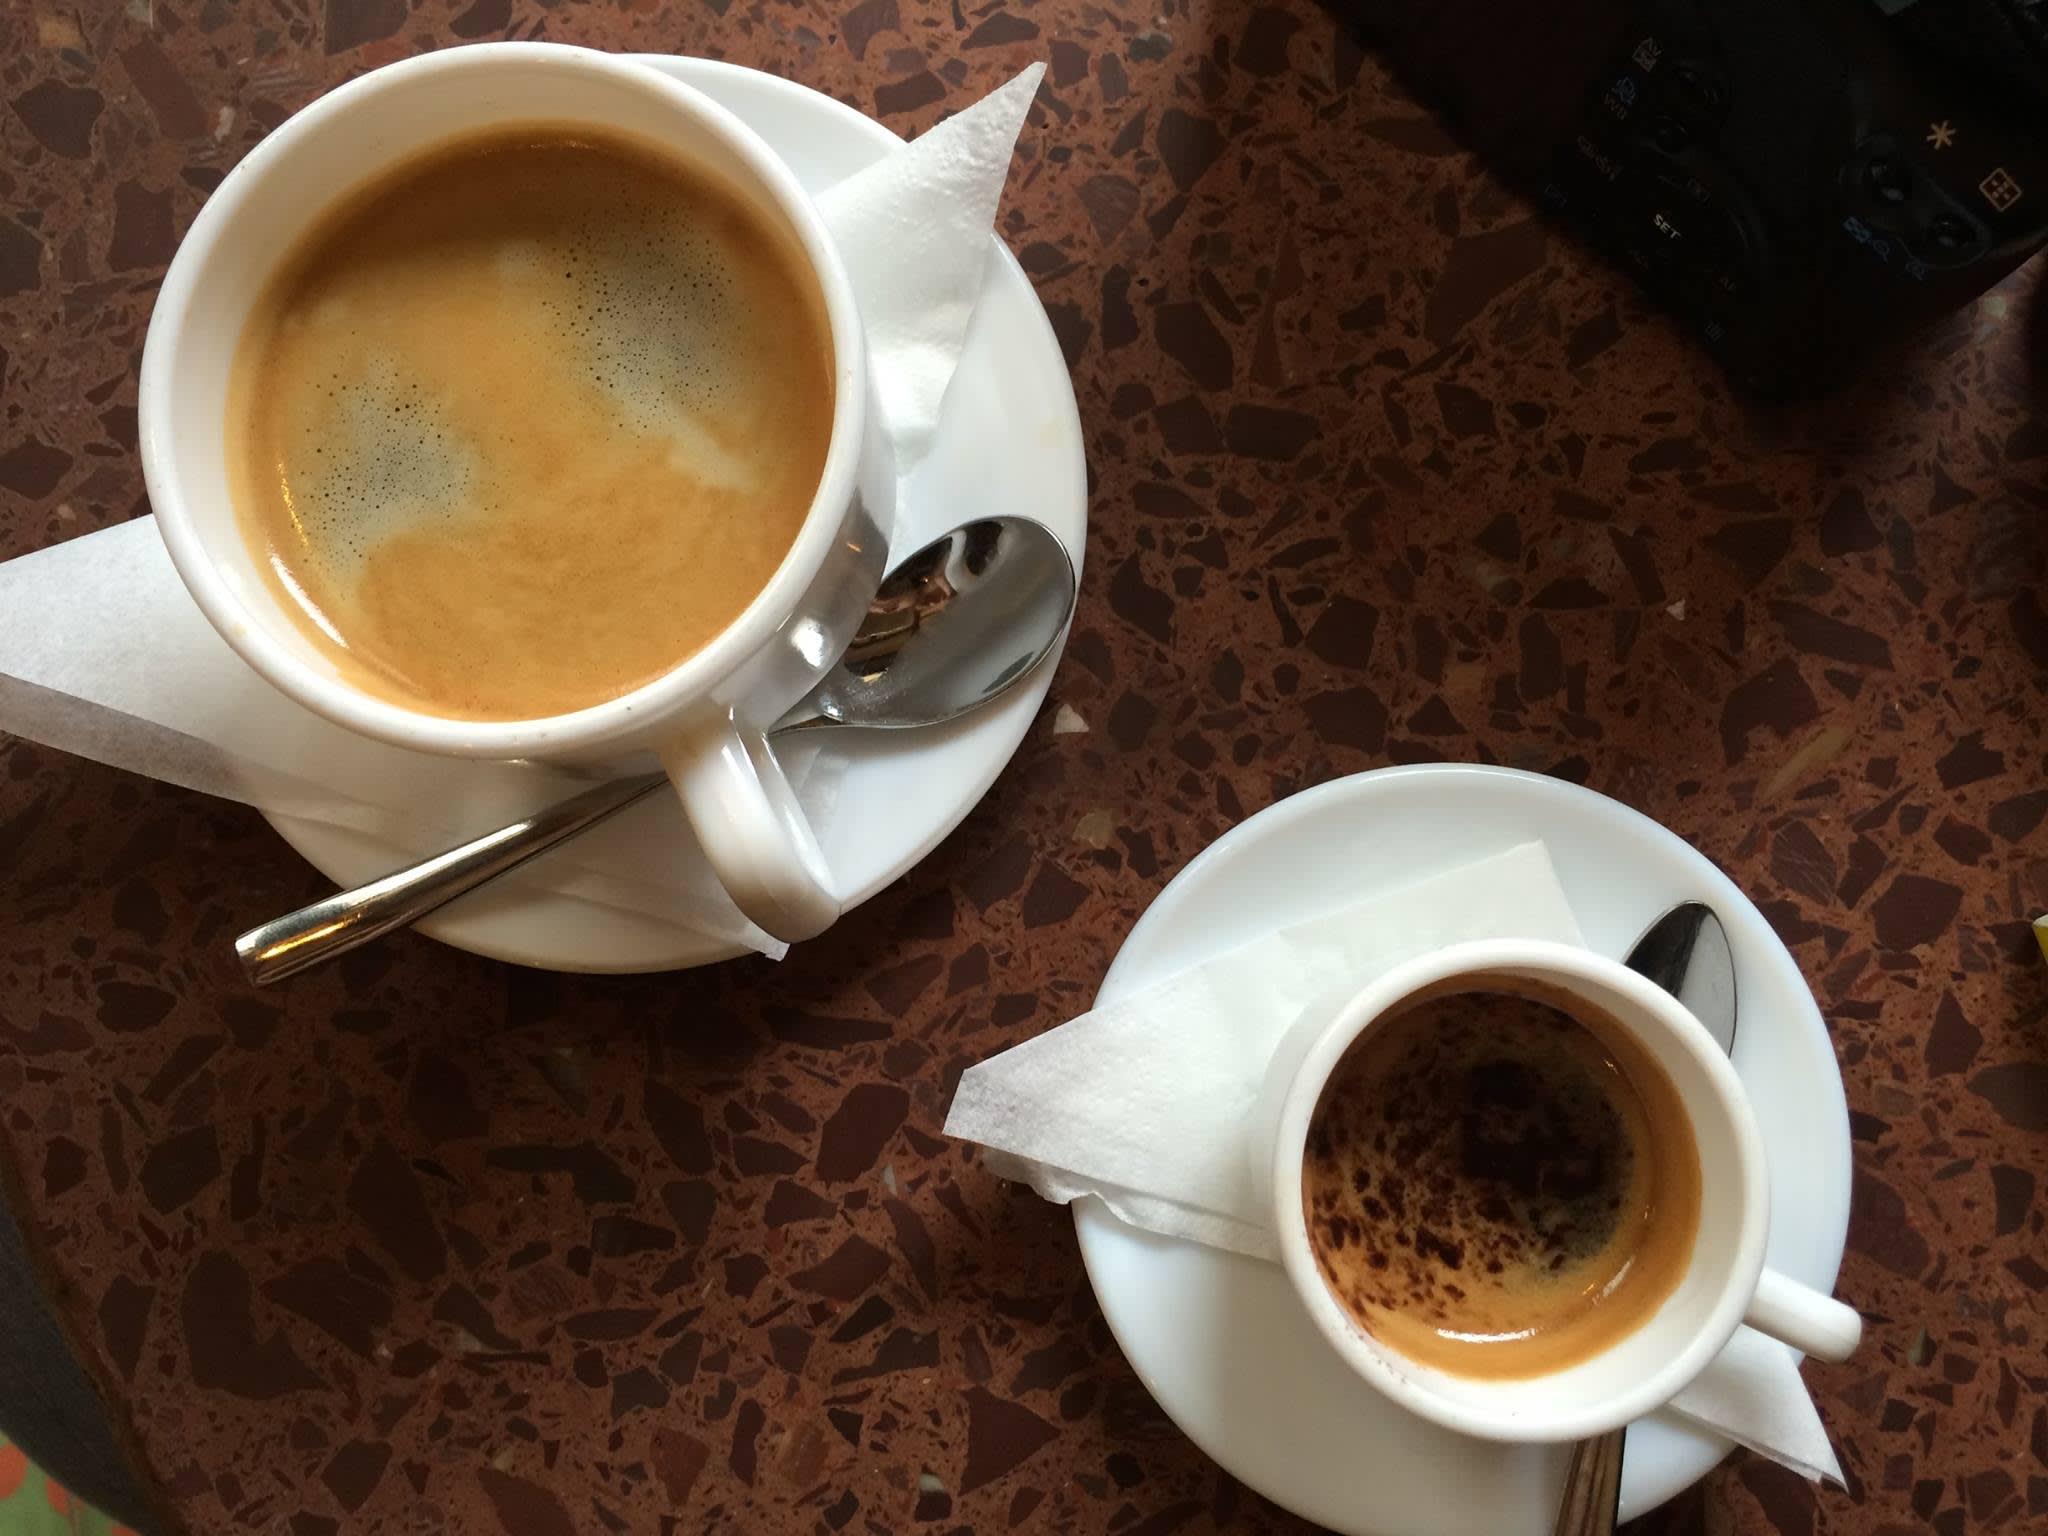 古 巴 的 咖 啡 館 裡 有 更 多 選  擇 , 左 為 美 式 咖  啡(  但 比 一 般  在 台灣  或 美 國 喝 到 的 更 濃 ㄧ 些 ), 又 為 加 了 苦巧 克 力 的 espresso